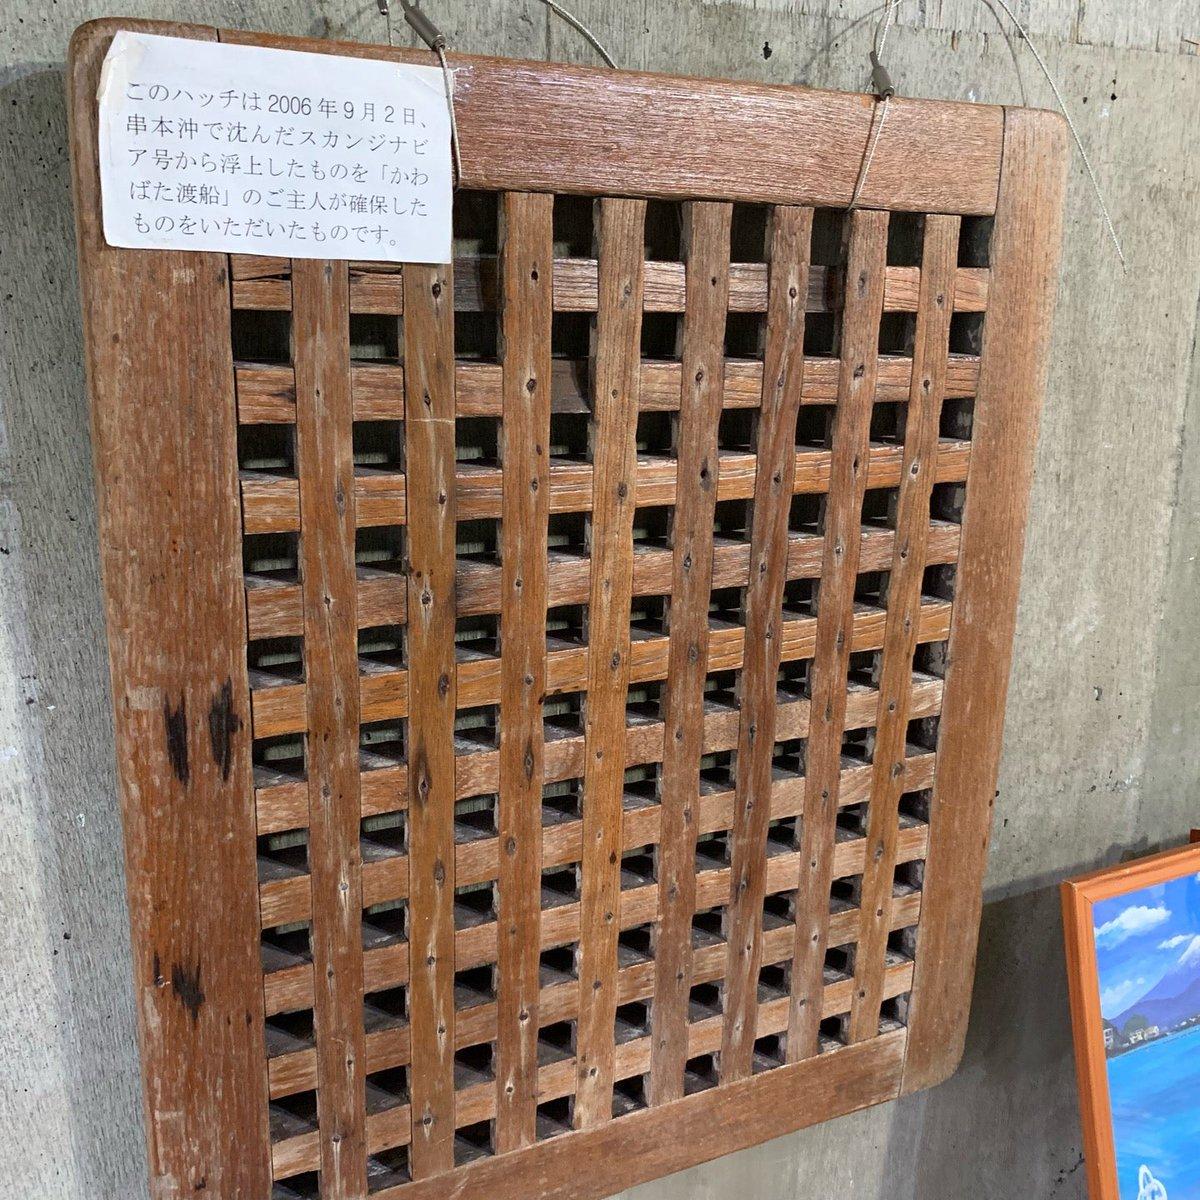 芹沢光治良記念館(9)スカンジナビア号(ハッチ)